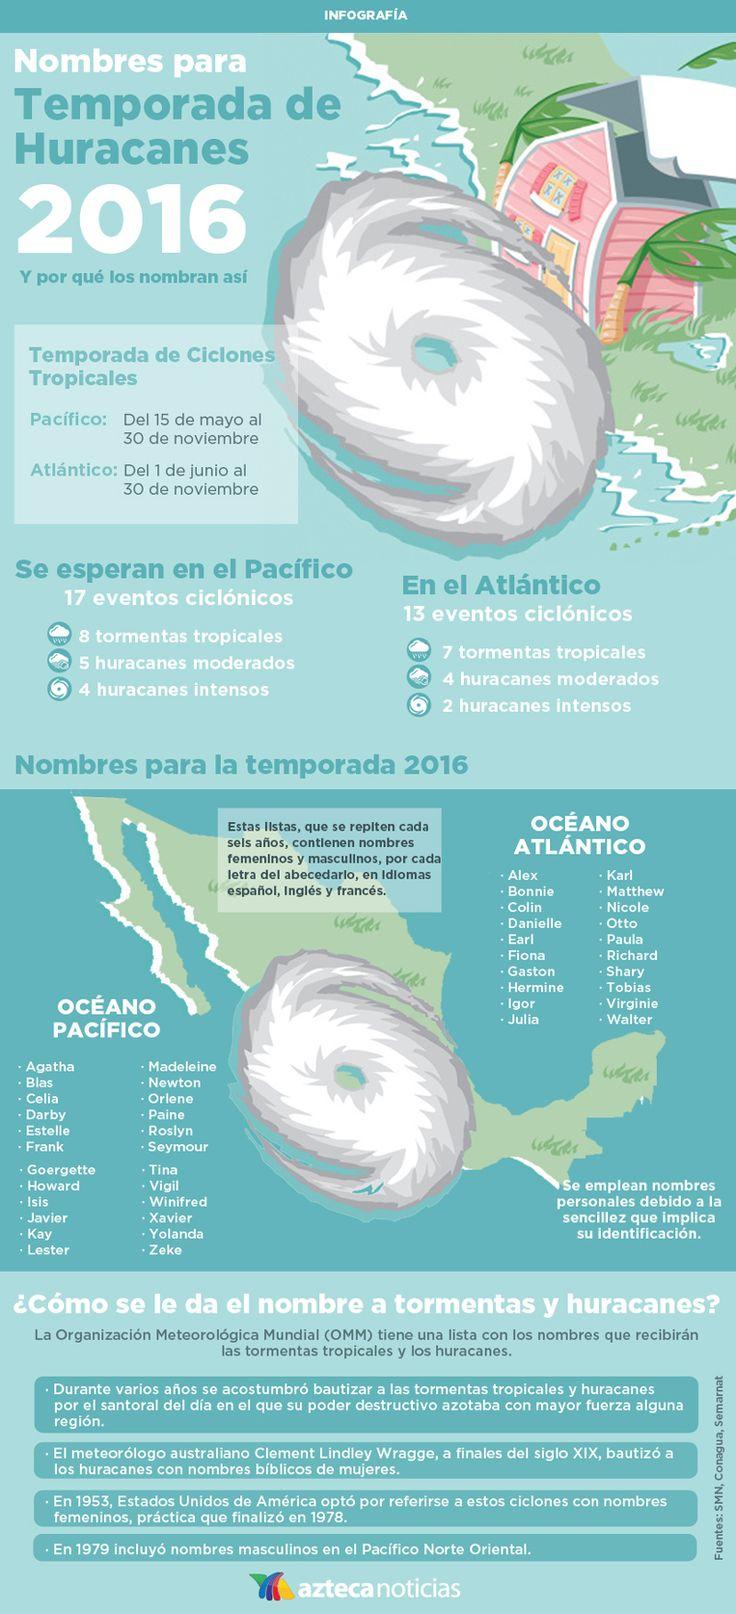 Nombres para temporadas de huracanes 2016 #infografia